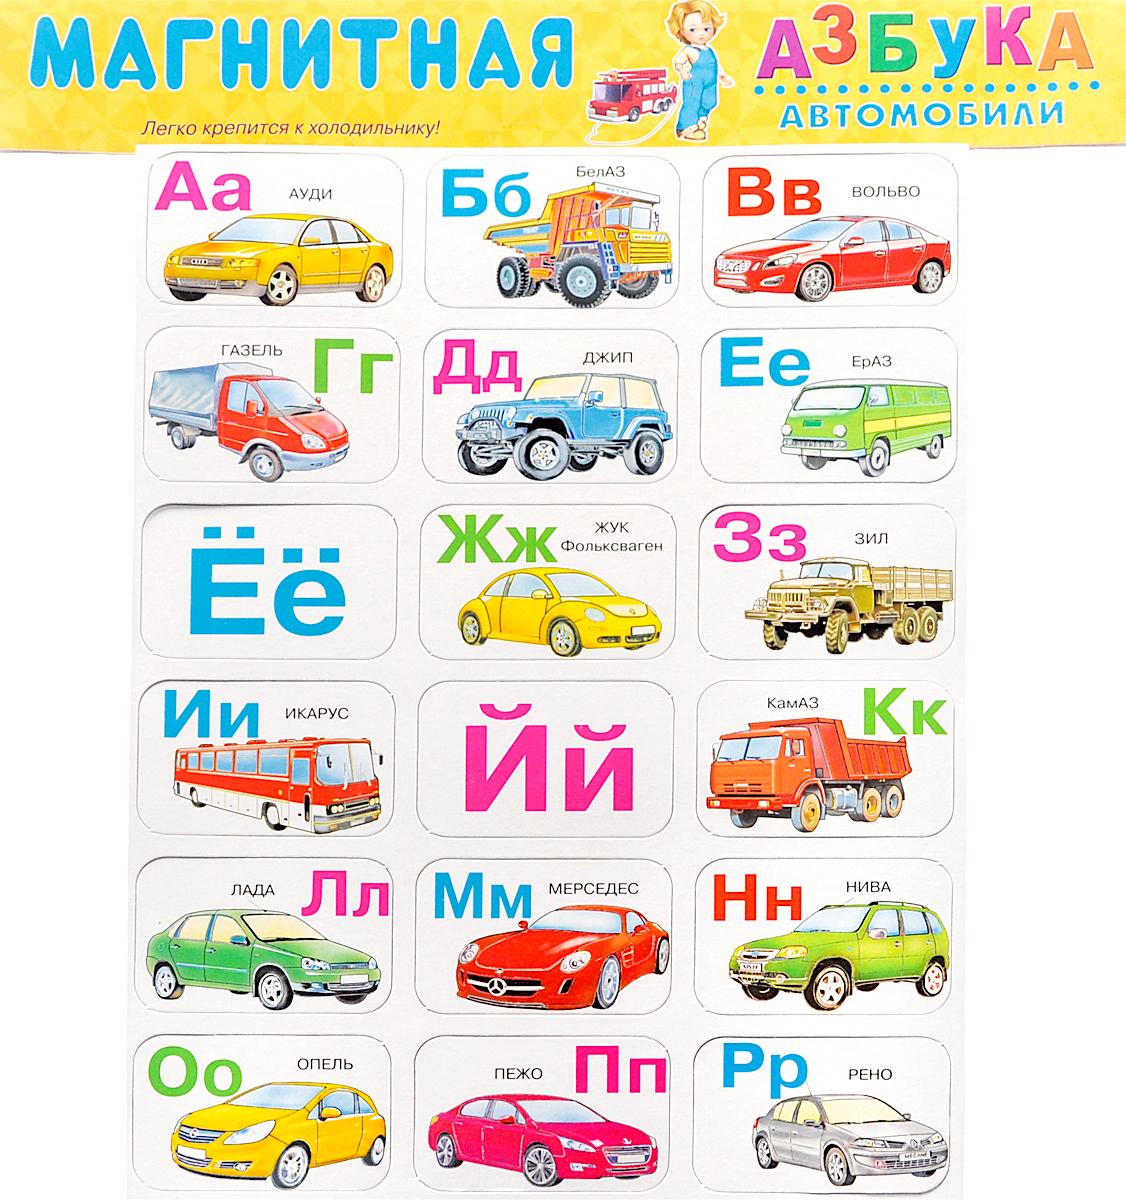 Магнитная азбука. Автомобили12296407Предлагаем вашему вниманию красочно оформленный набор карточек Магнитная азбука. Автомобили. На каждой карточке написана буква алфавита и изображен соответствующий автомобиль. А с помощью клейких магнитов ваш малыш сможет создать свою магнитную азбуку! Размер одной карточки: 6,5 см х 4,3 см.